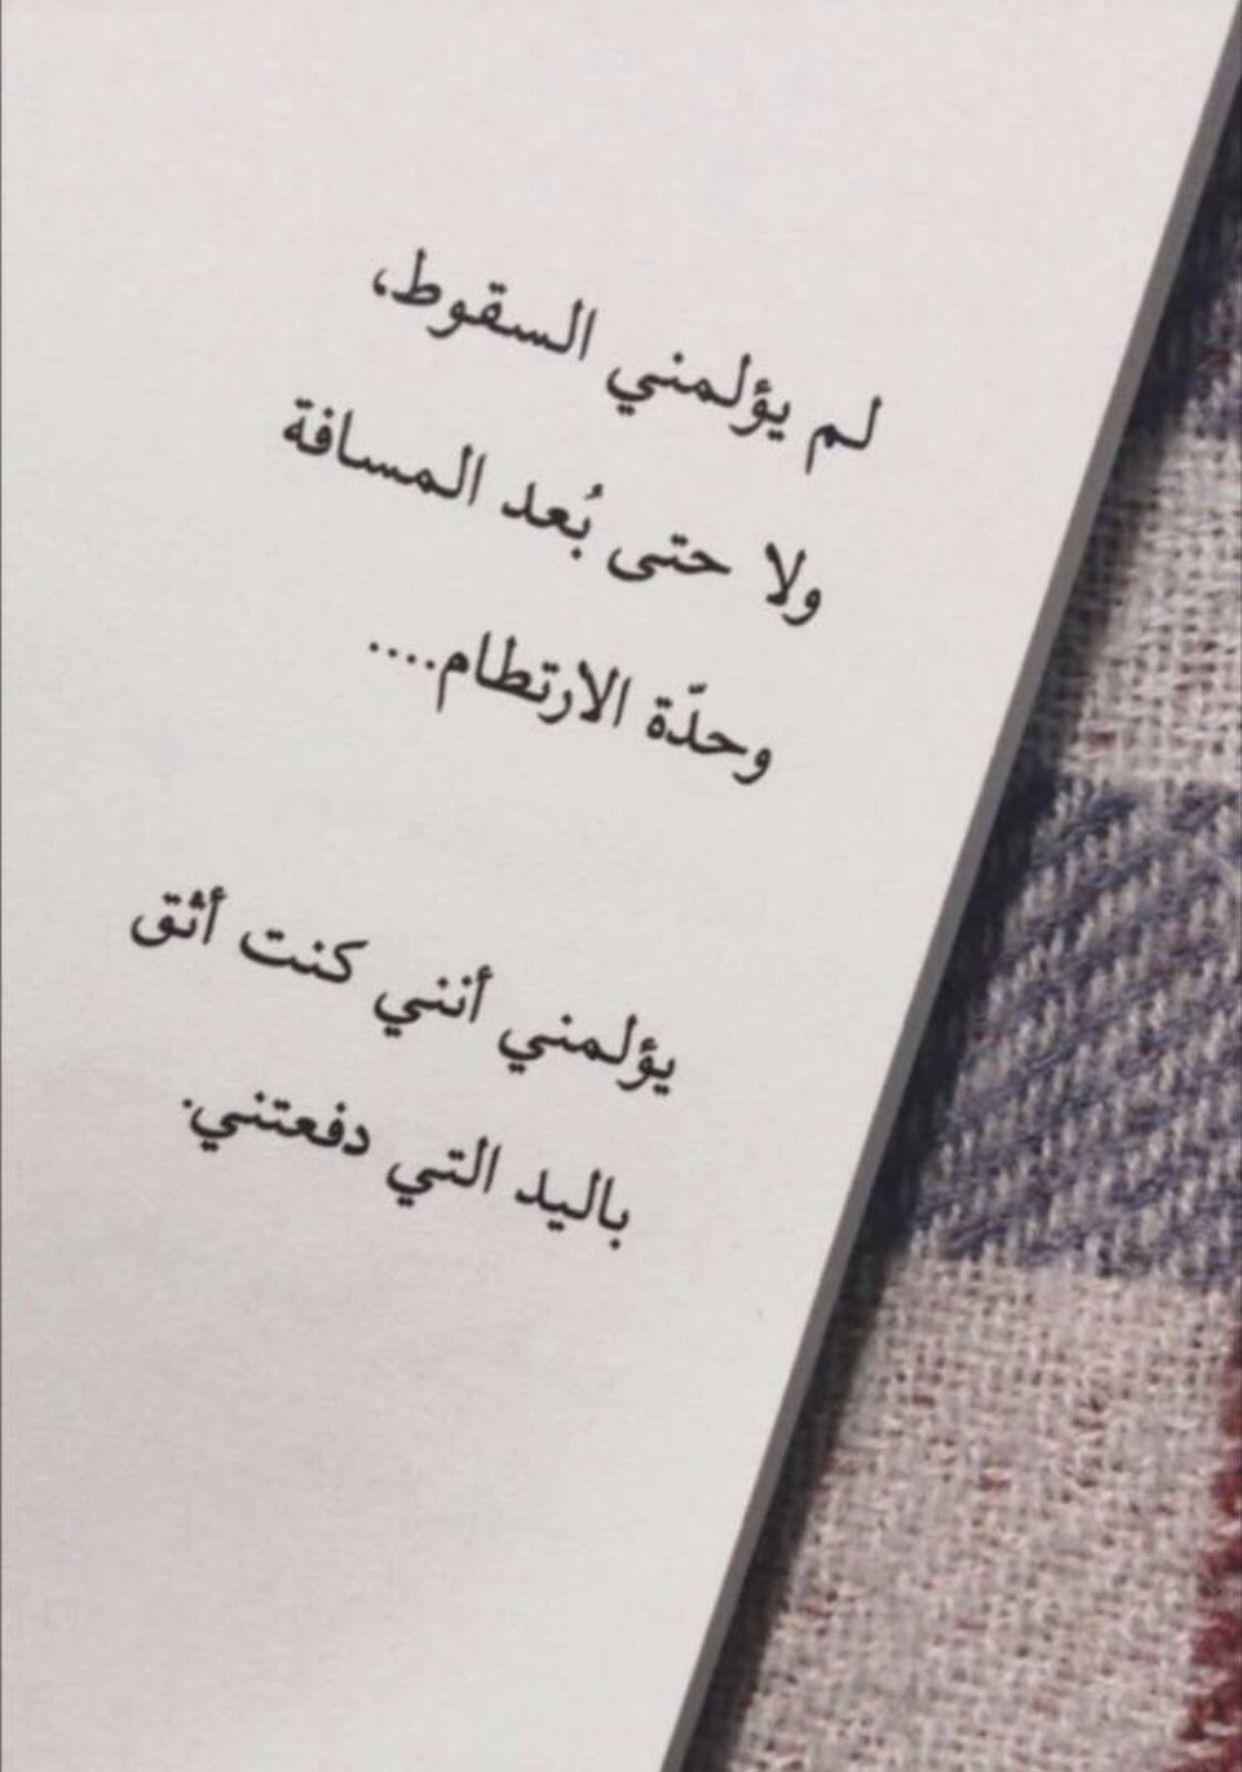 Pin By Re0o0ry ه م س ات ع اب ر ة On اقتباسات Quotes Quotes Arabic Quotes Tattoo Quotes